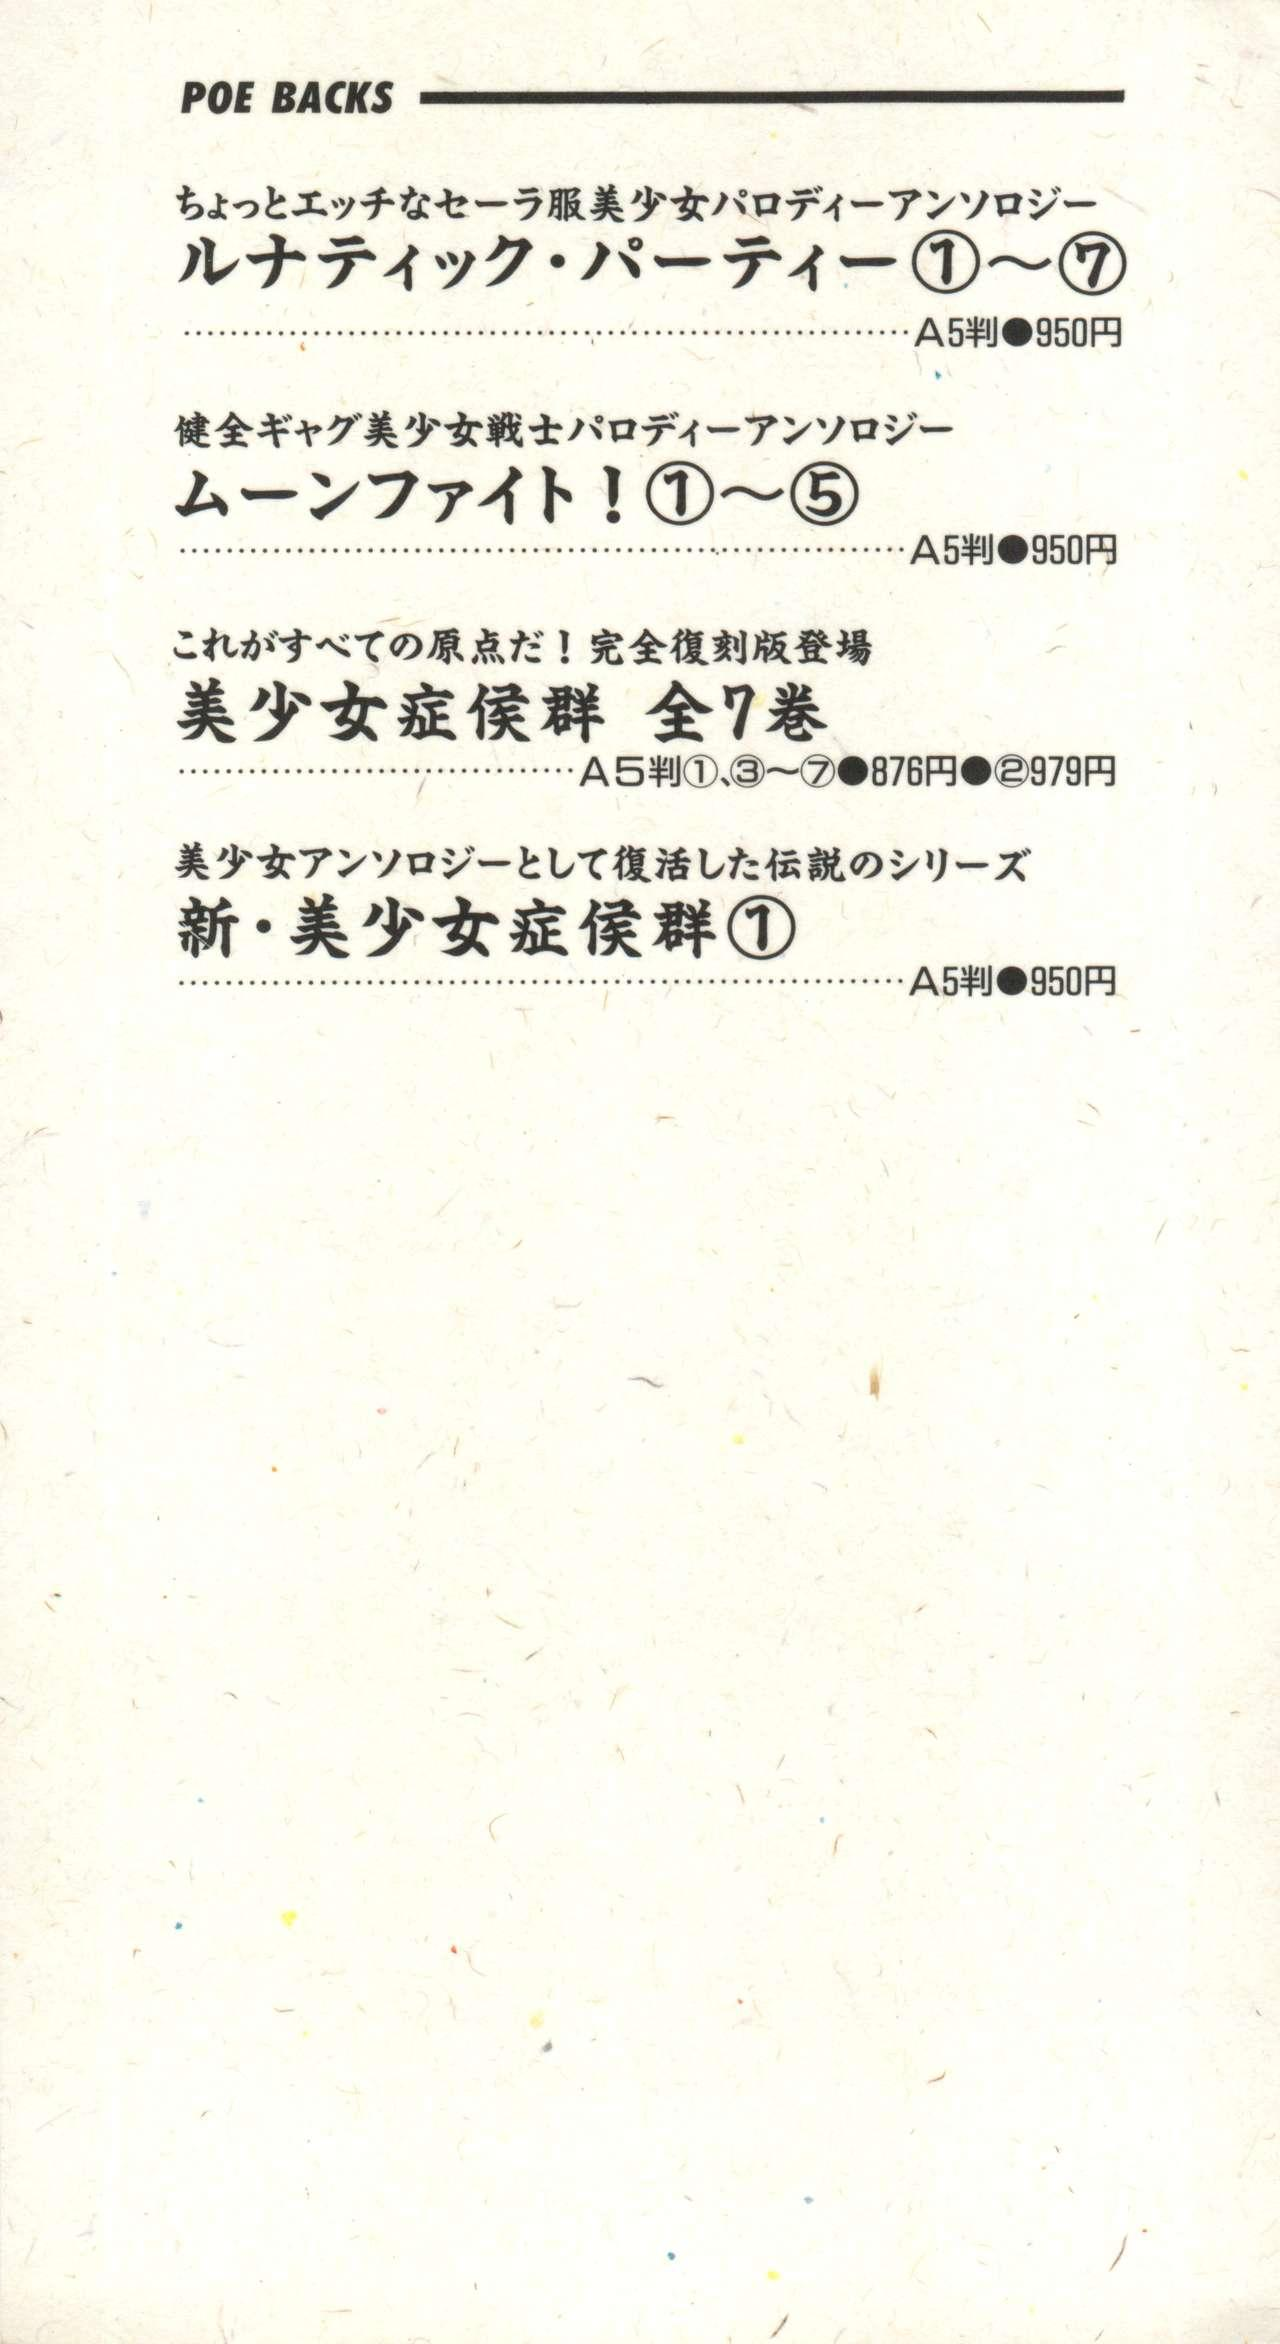 Shin Bishoujo Shoukougun 2 Mirai Hen 1